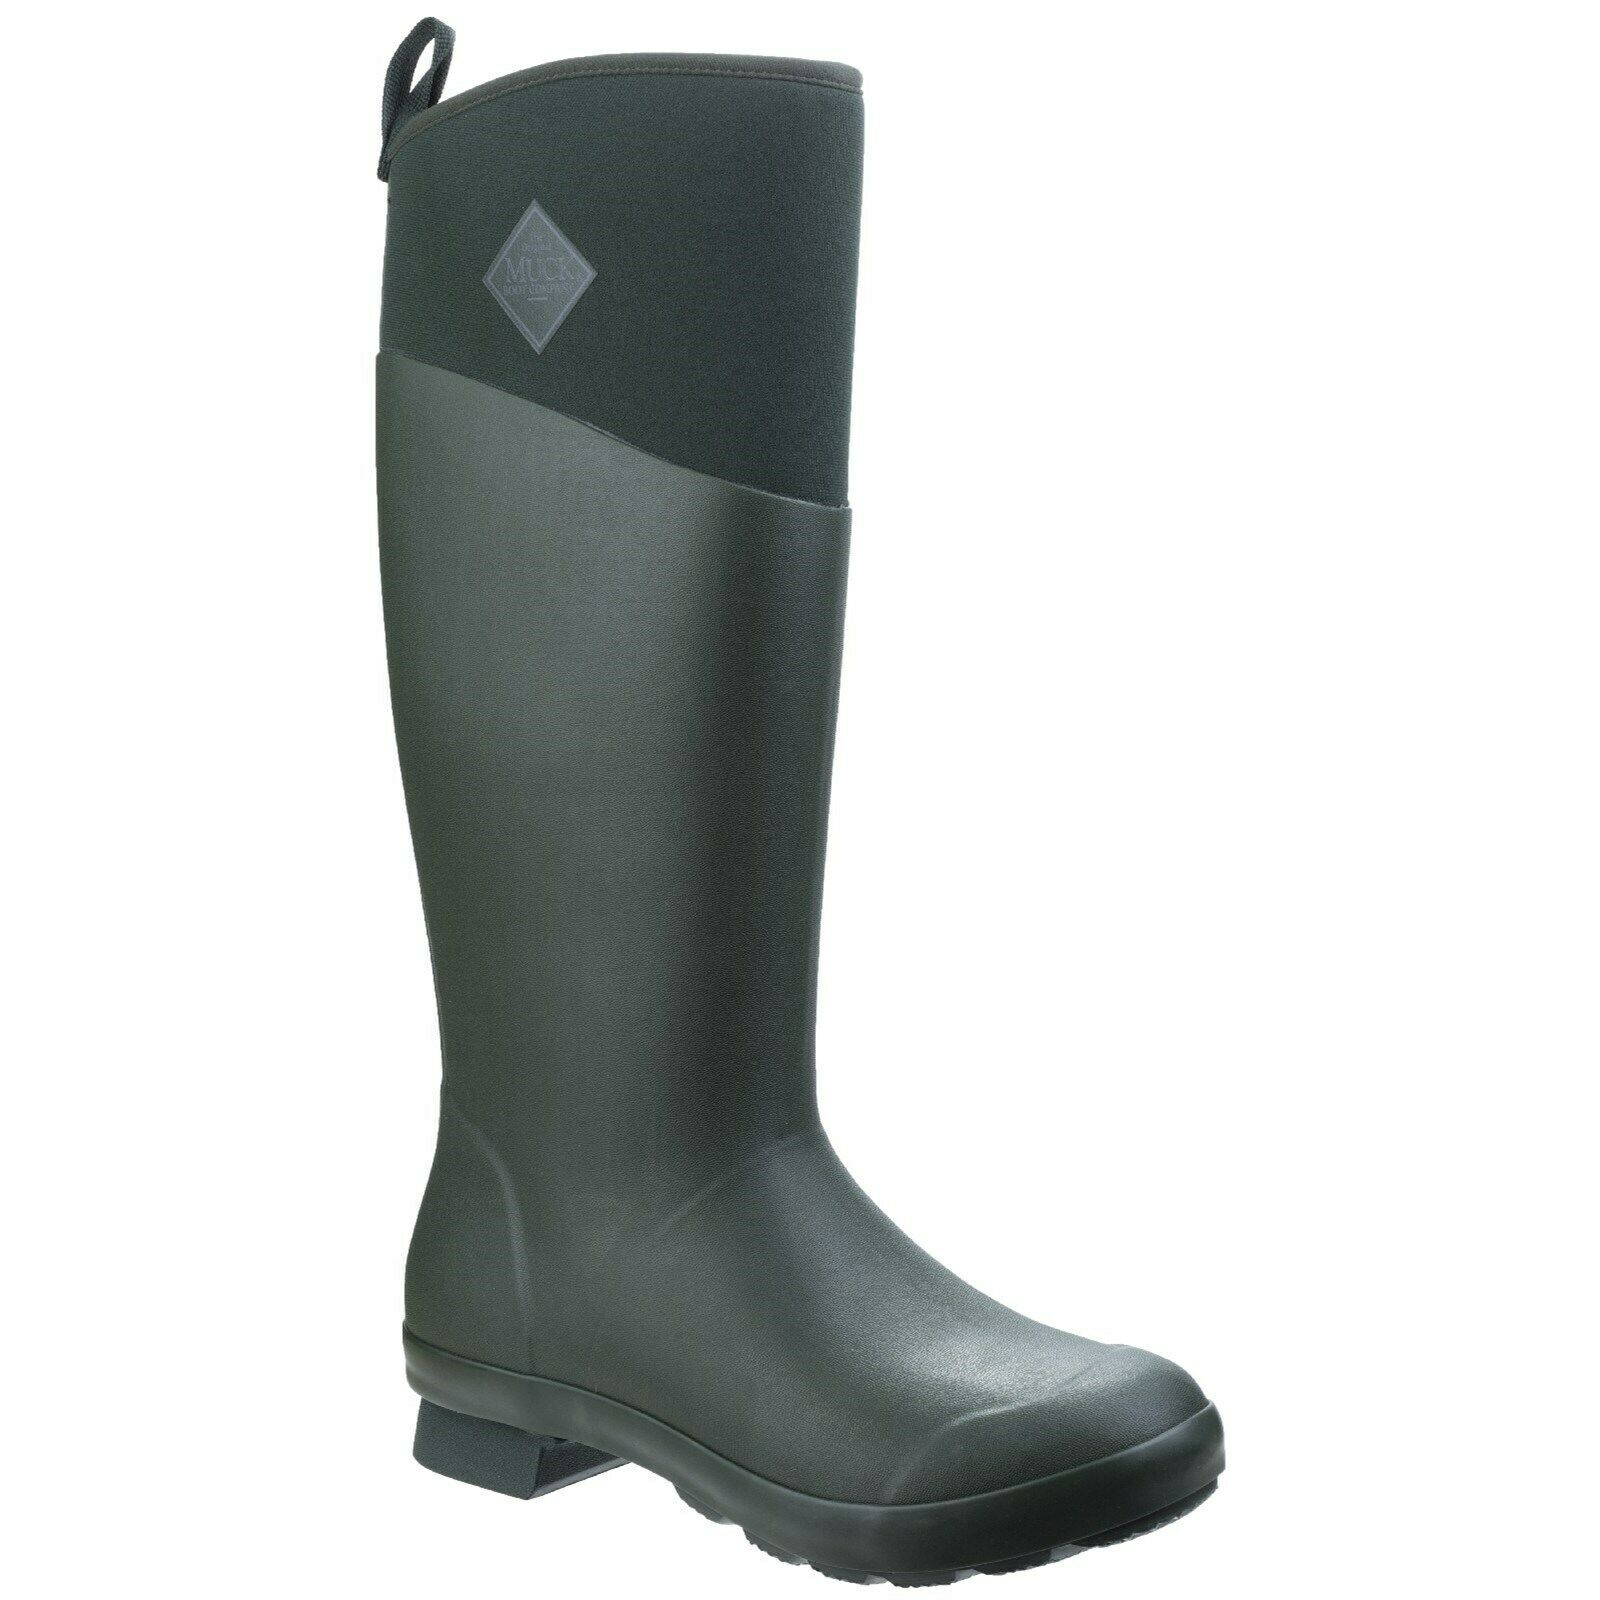 Muck botas Tremont botas Mujer Altos Impermeable de Agua Bota